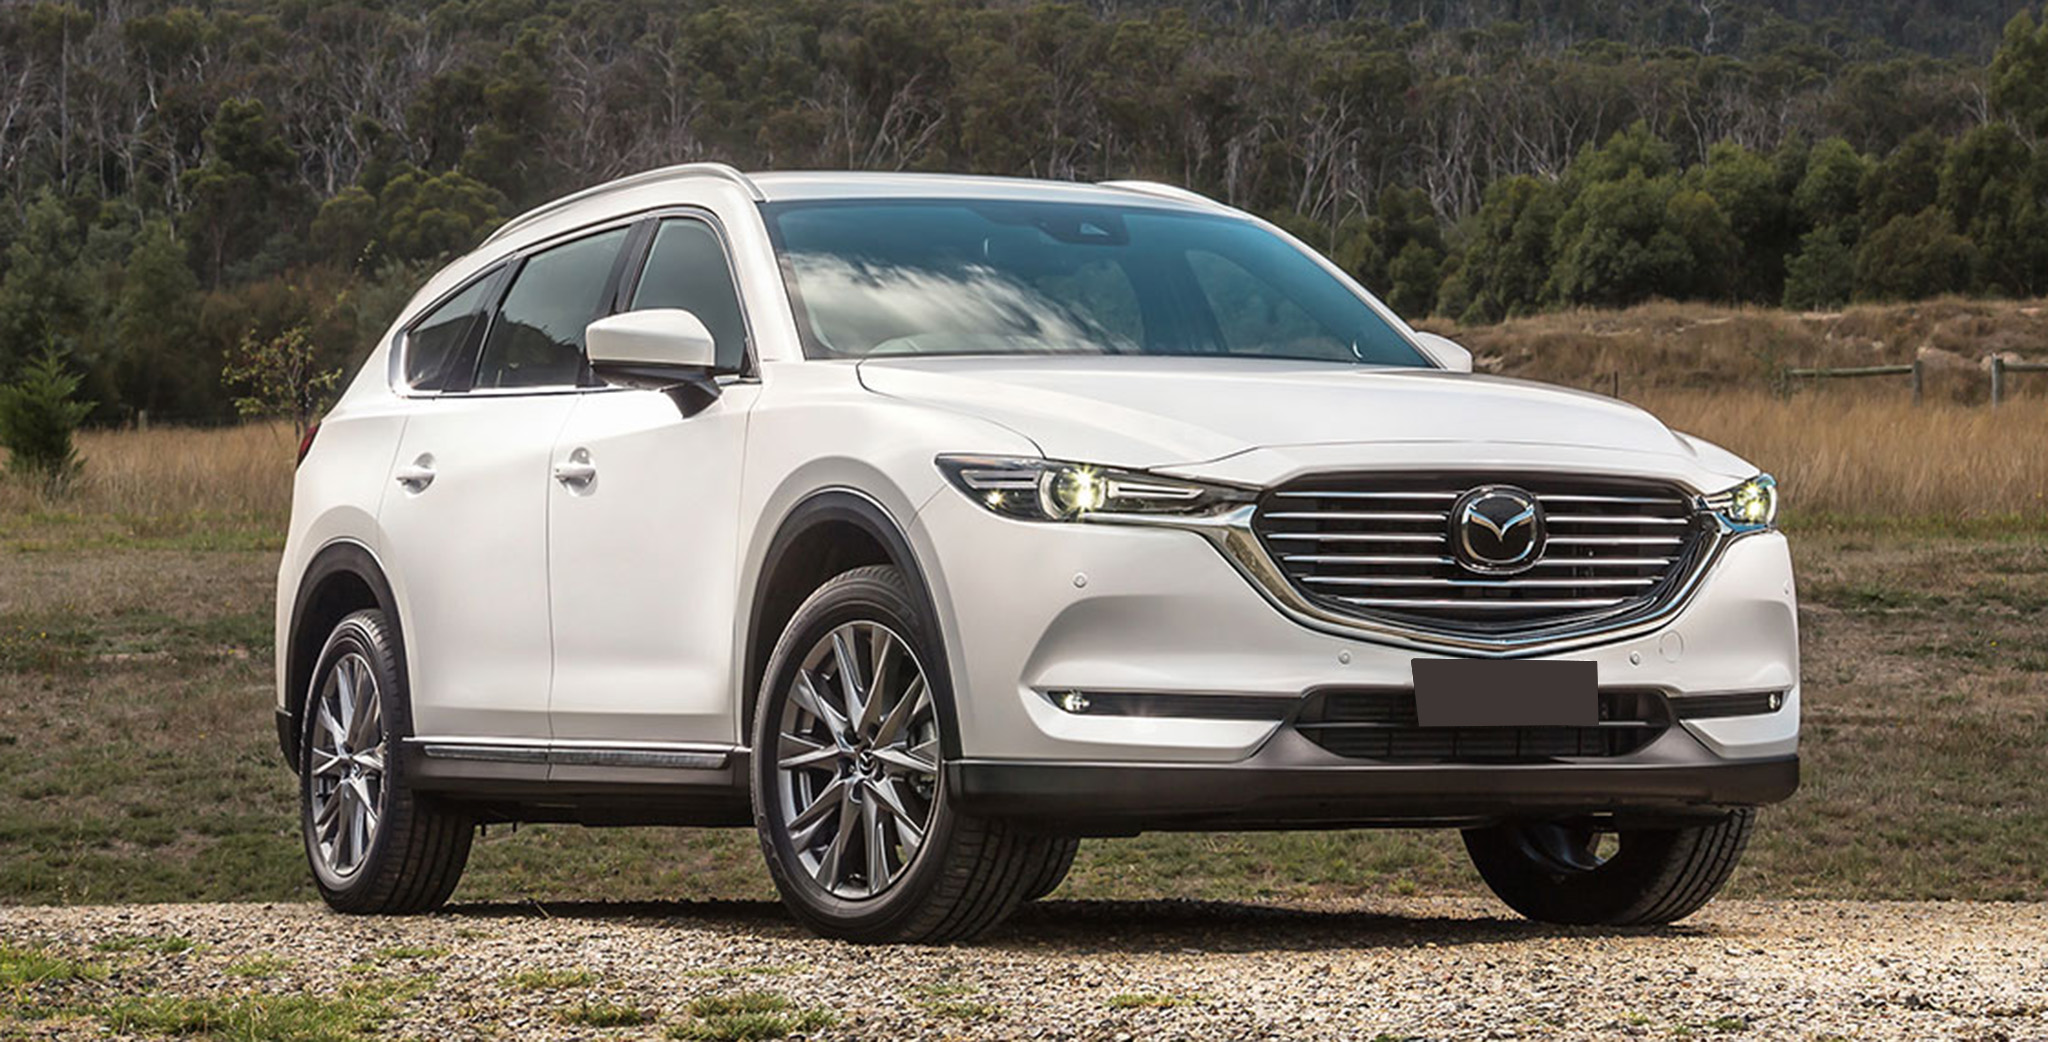 Rộ thông tin Mazda CX-8 sẽ được THACO lắp ráp trong nước